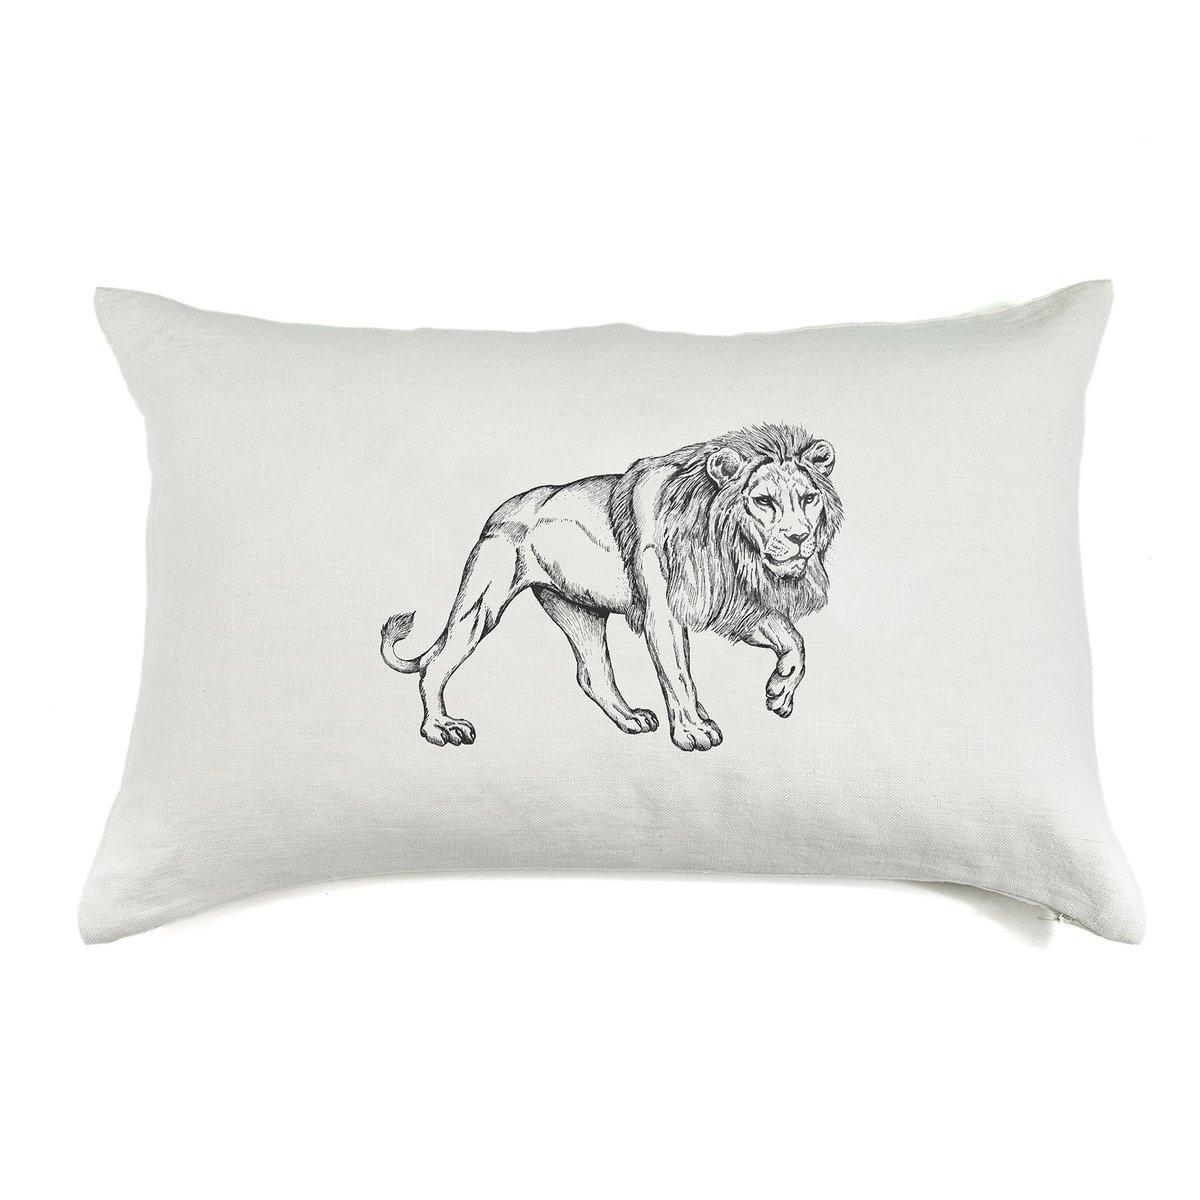 Coussin en lin pur lavé Lion 40x60